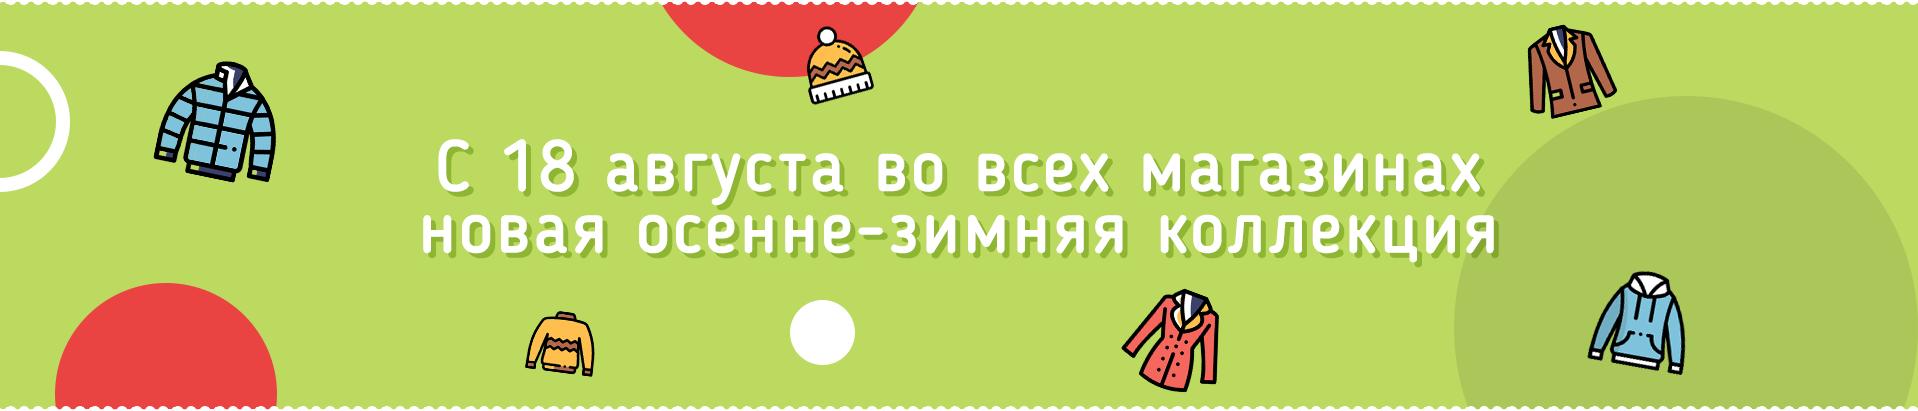 Секонд хенд Во!Ва! - сеть магазинов дешевой одежды в Санкт-Петербурге 87403bb2c02